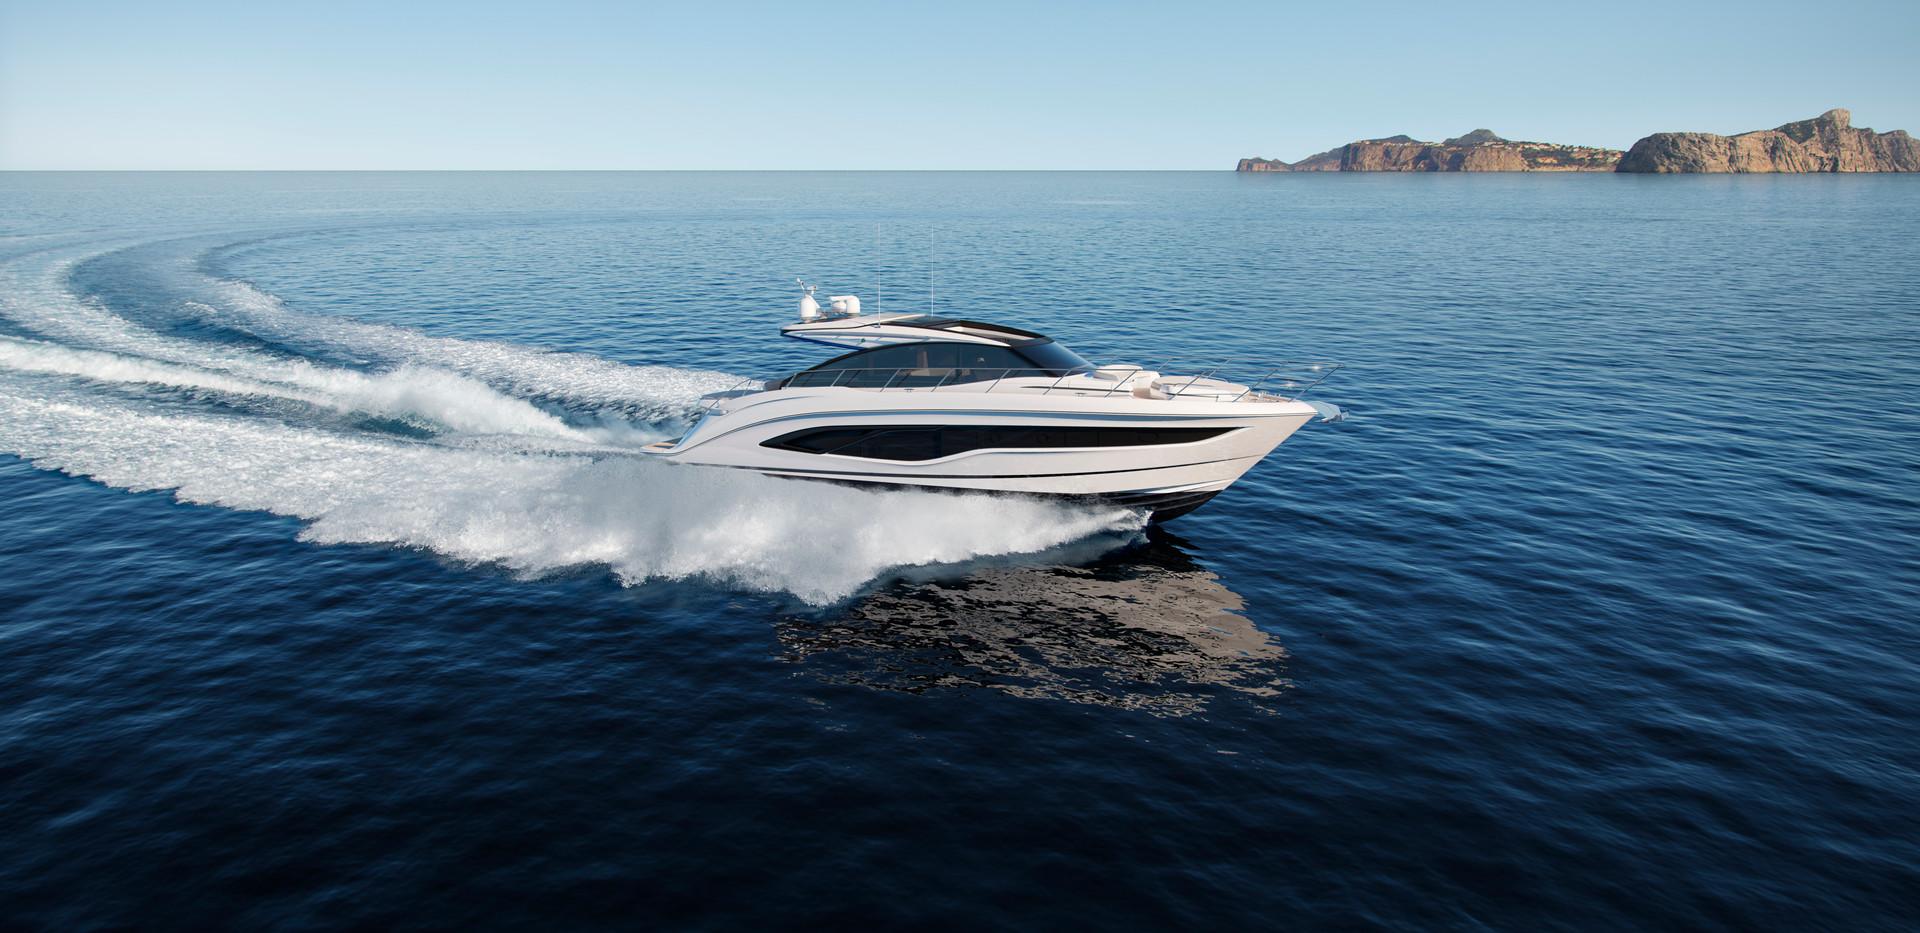 v55-exterior-white-hull-cgi-1.jpg